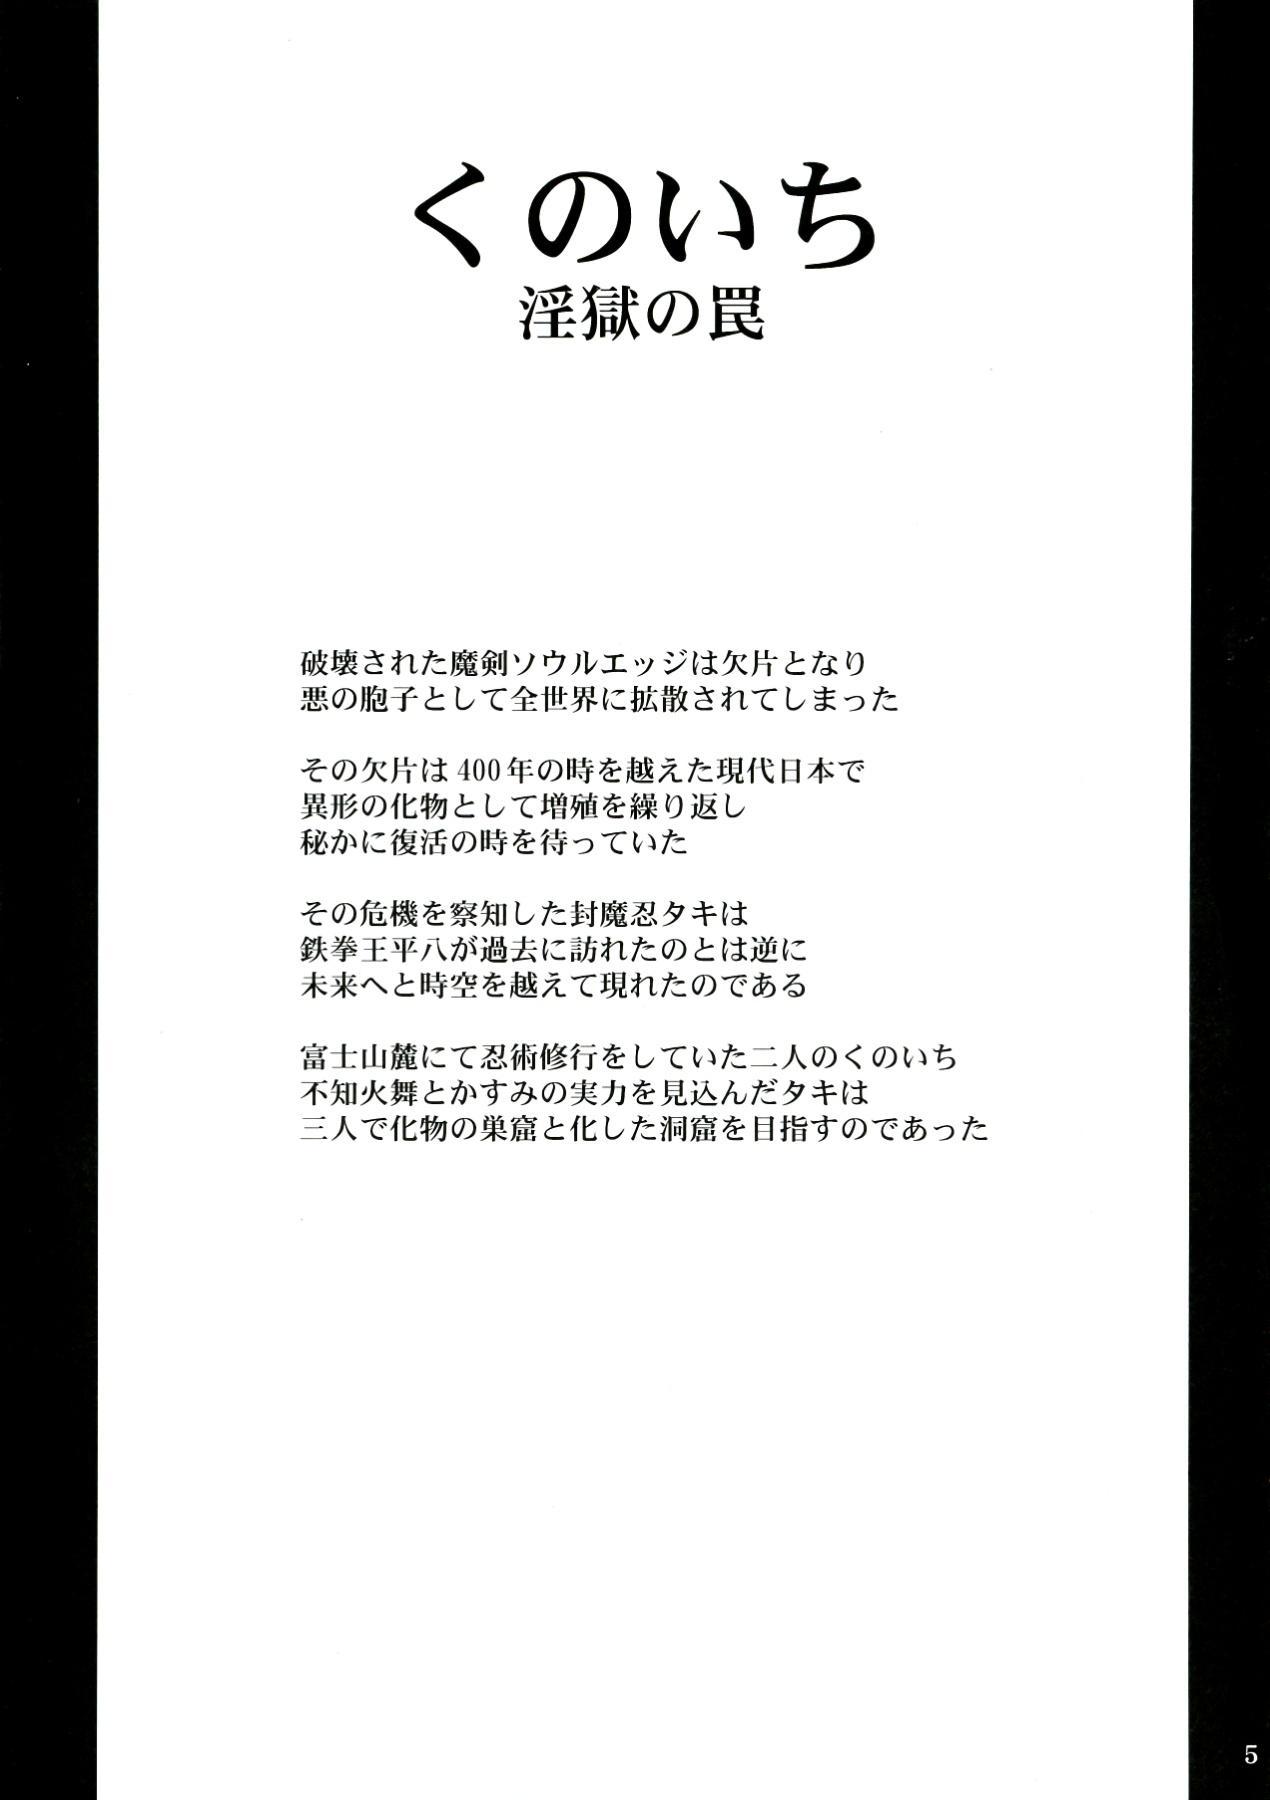 Kunoichi Ingoku no Wana 4